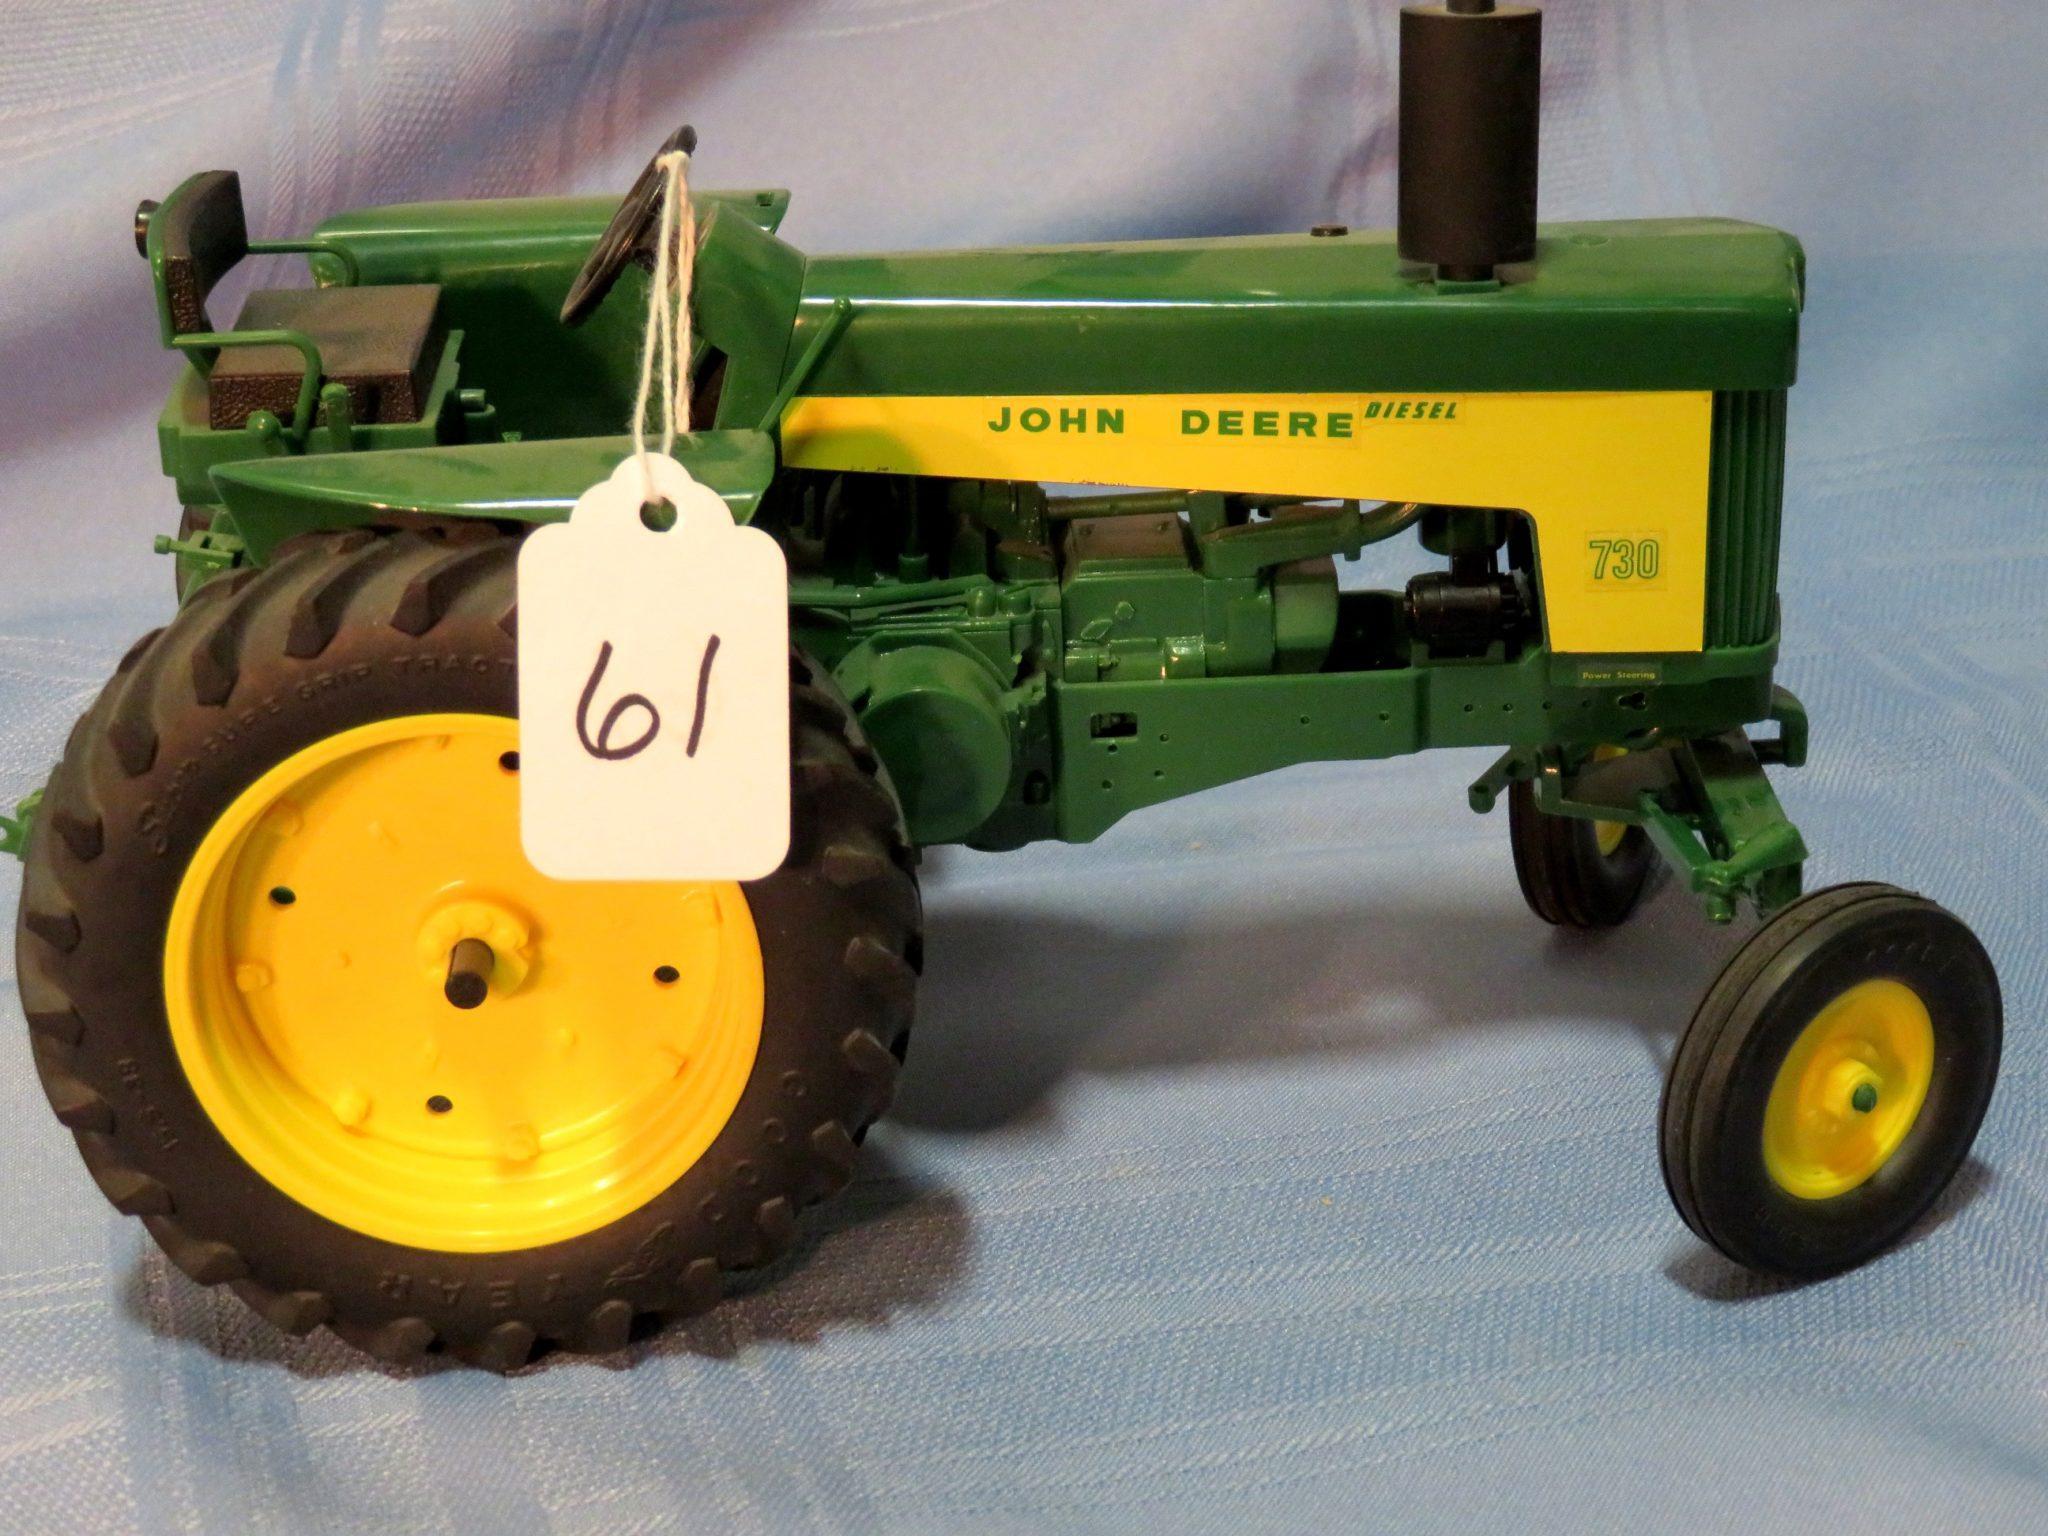 Douglas Wiederholt Huge Estate Toy Auction – Brock Auction